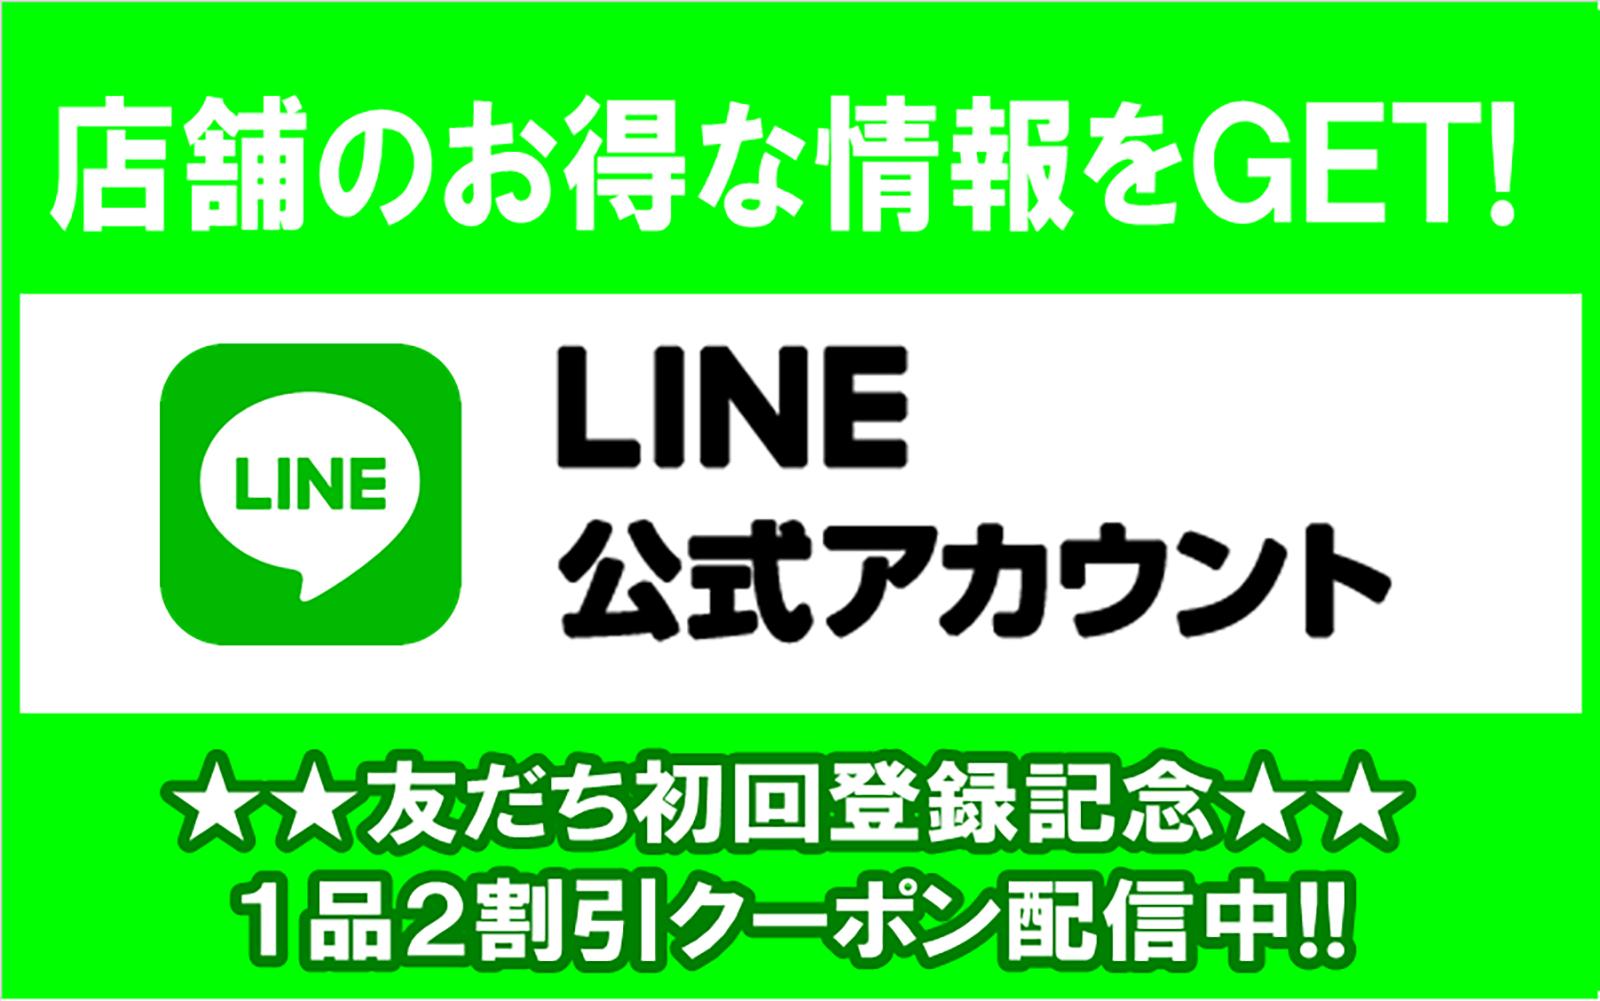 LINE公式アカウントのご紹介